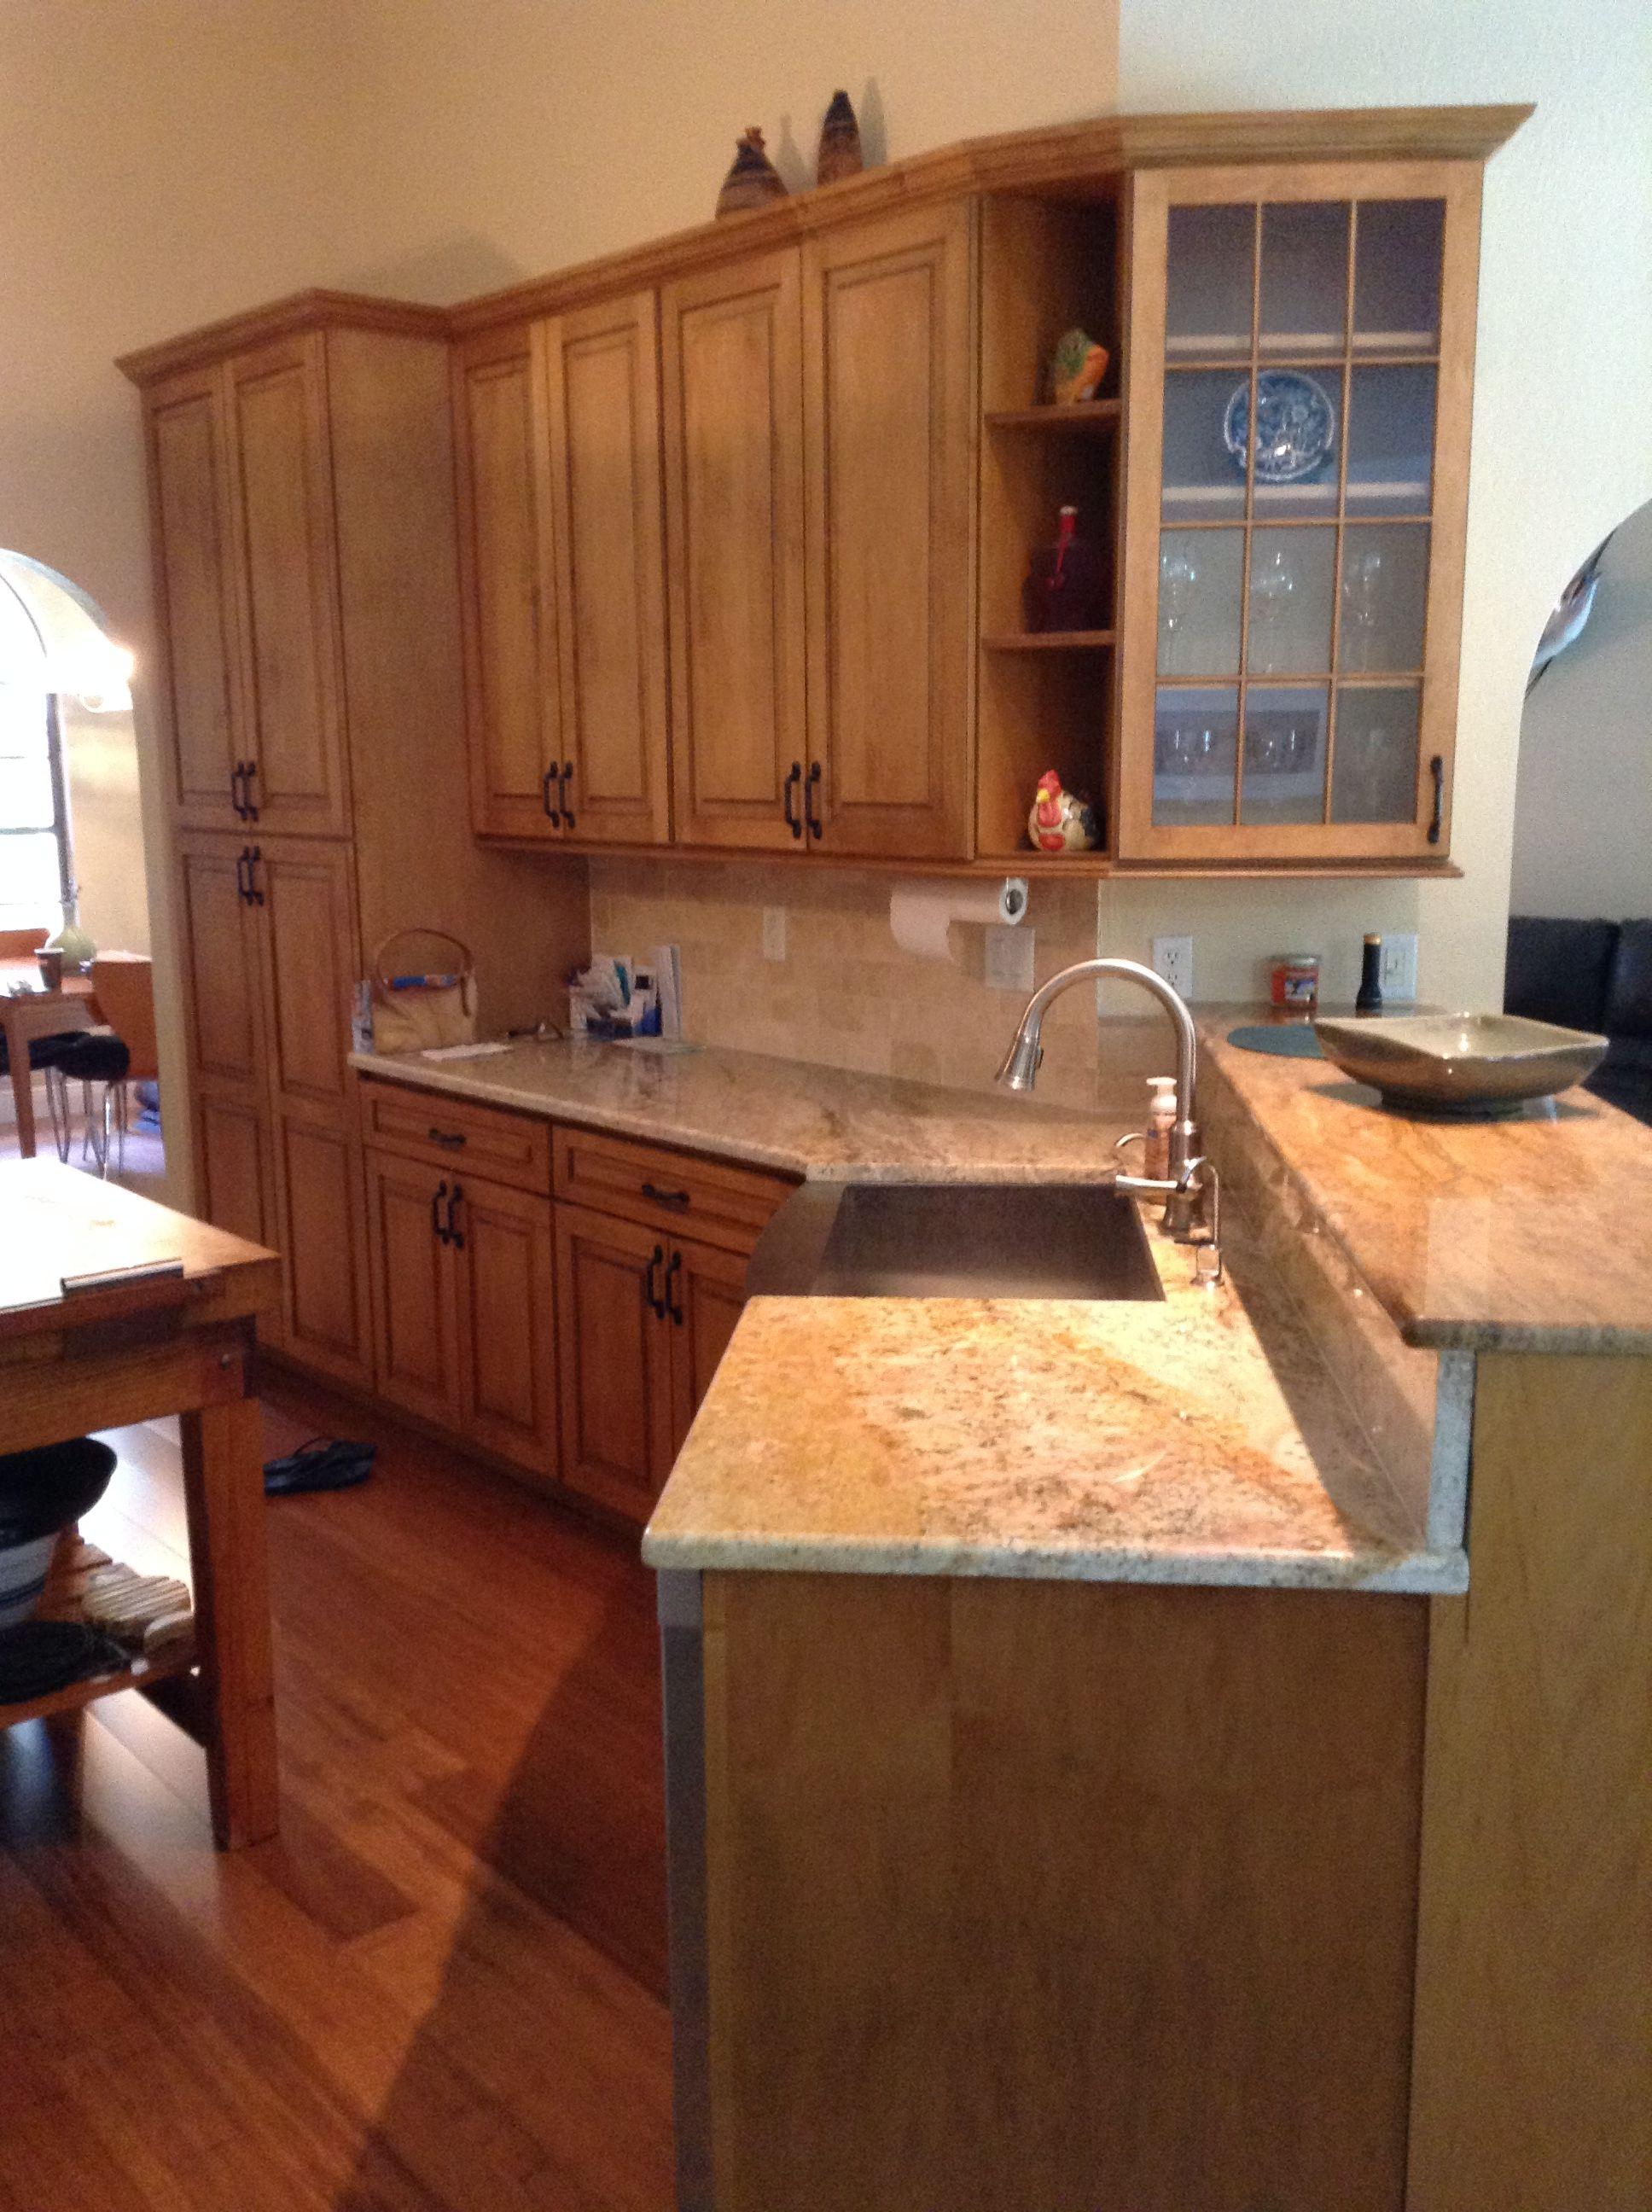 Coastal Kitchen Interiors Cki Naples Fl Modernized By Starmark And Coastal Kitchen Interiors Coastal Kitchen Brown Kitchen Cabinets Brown Cabinets